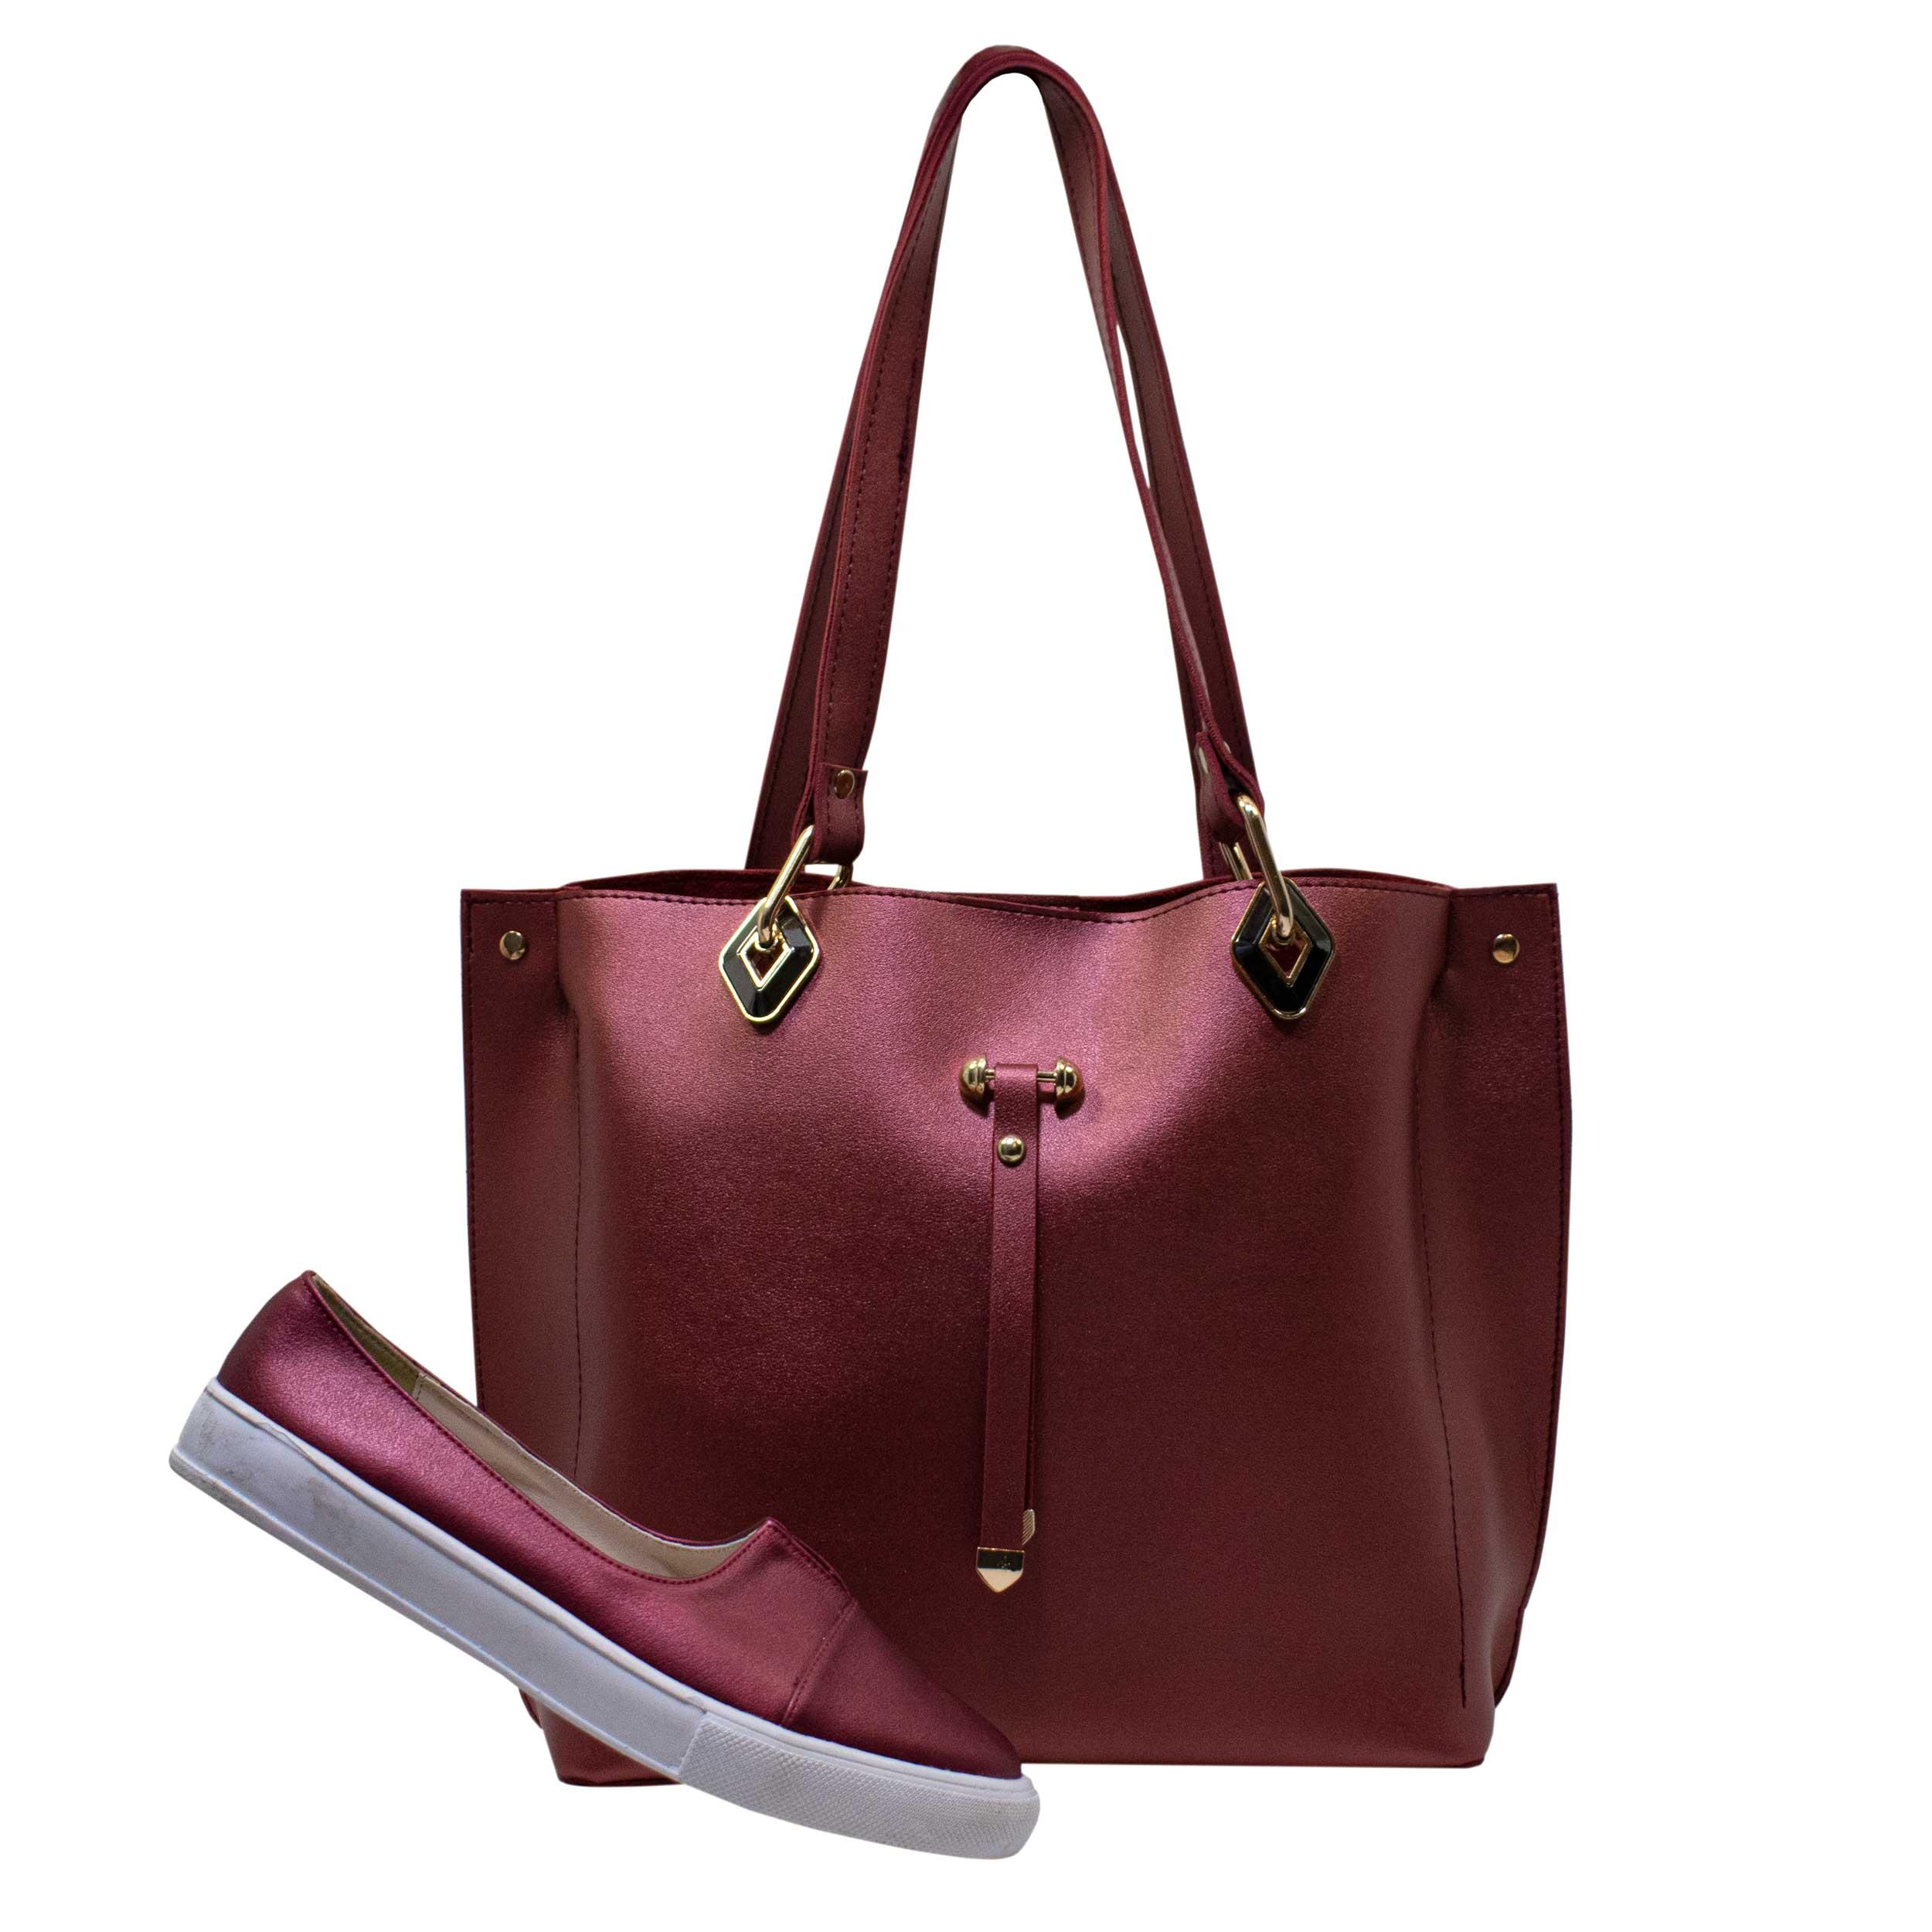 ست کیف و کفش زنانه کد 10-SE120